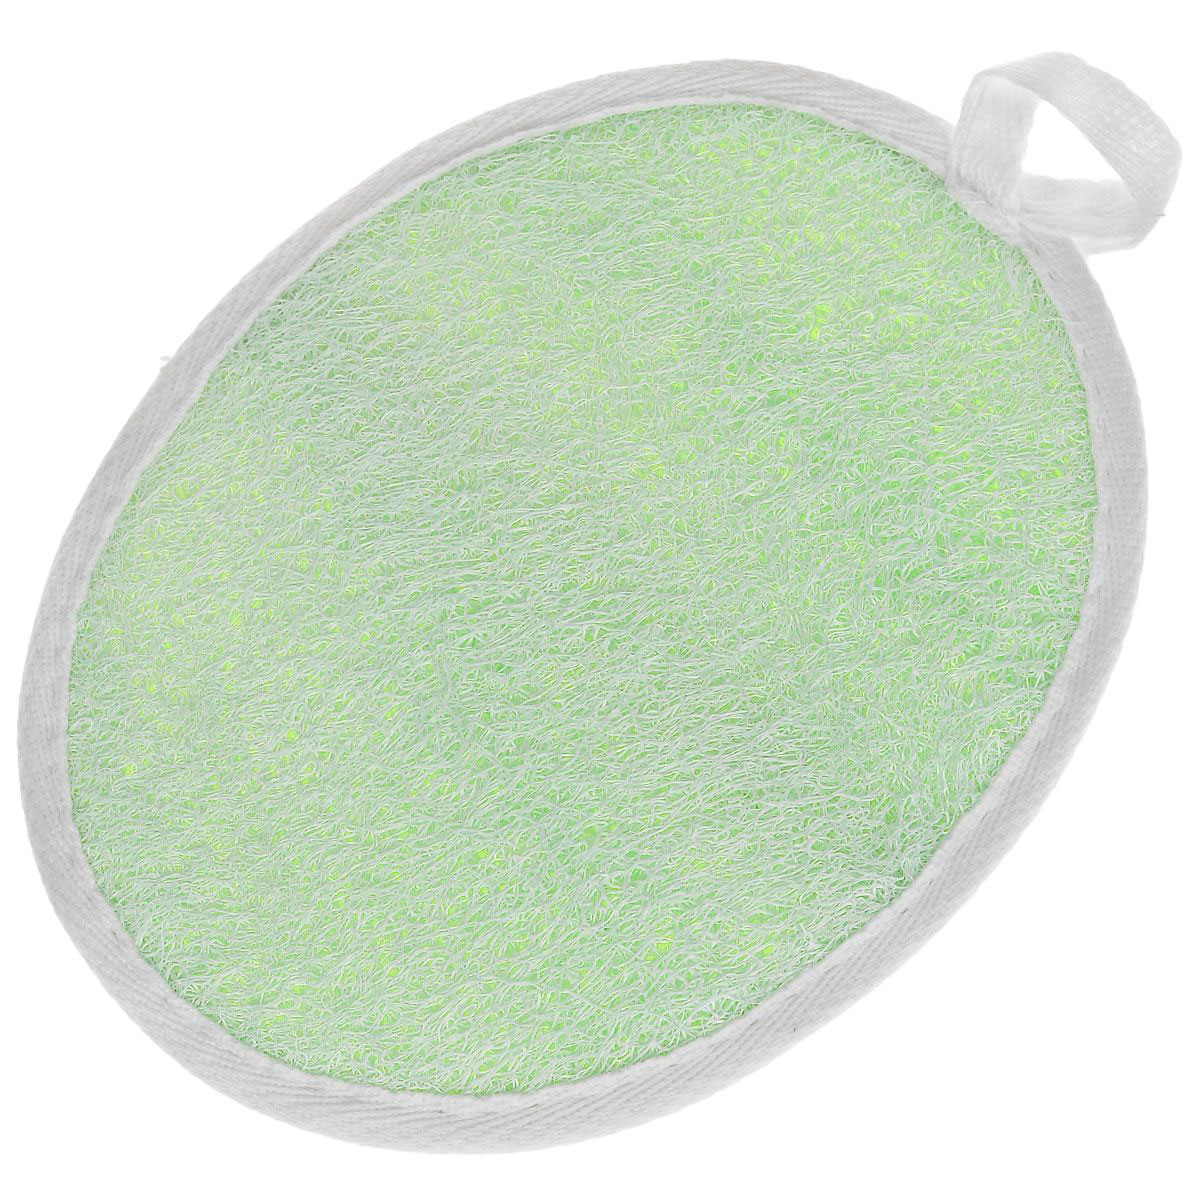 Мочалка Eva Овал, цвет: салатовый, 14 см х 18 см мочалка из люфы eva м22 page 4